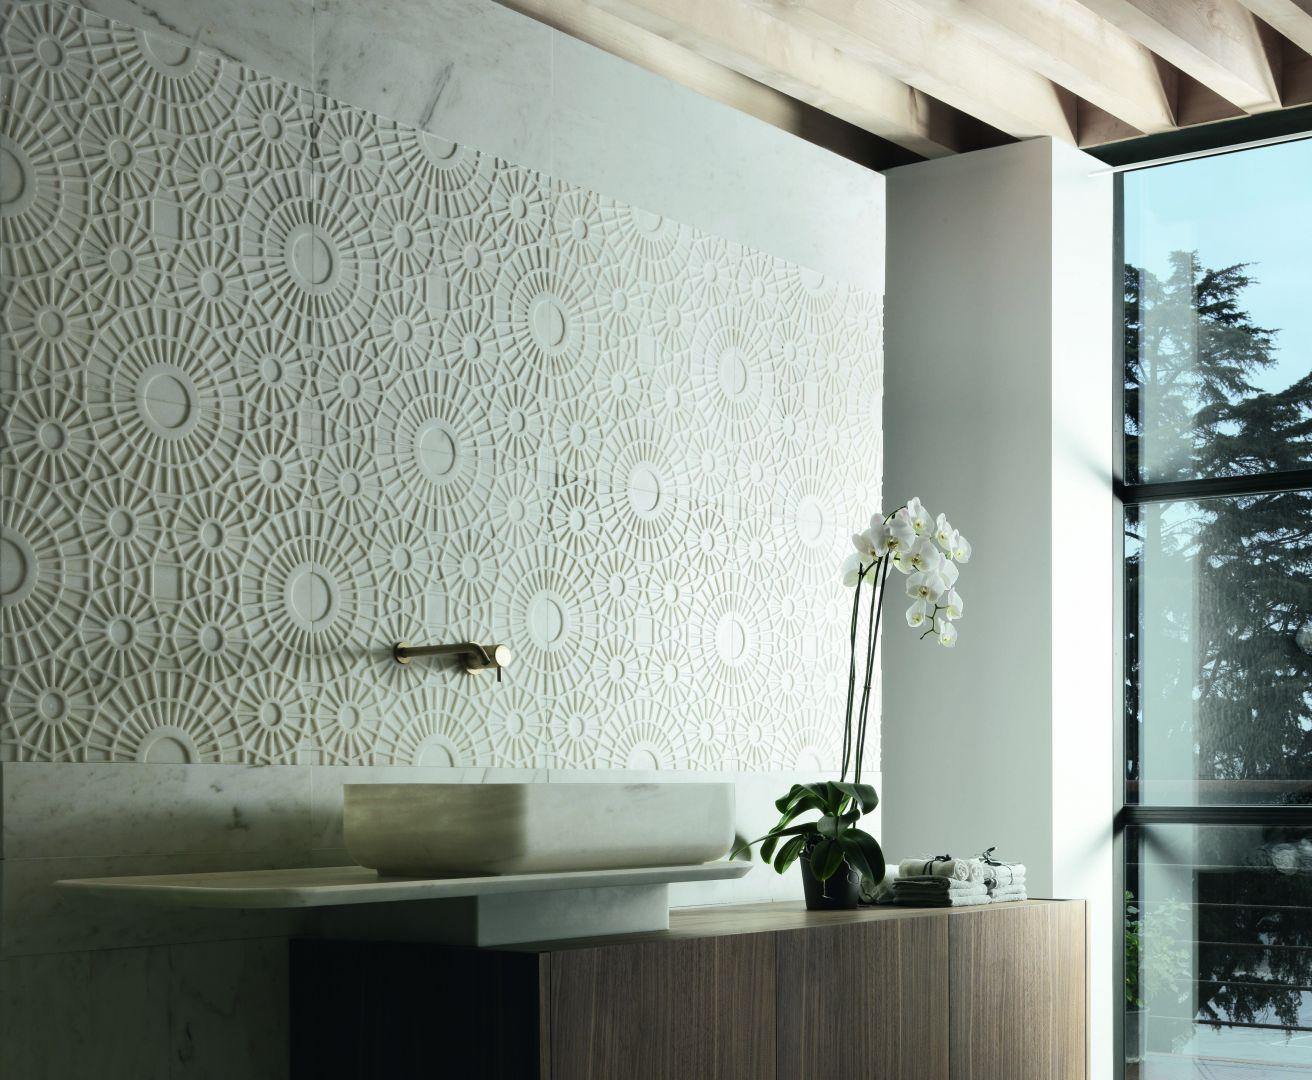 Trójwymiarowe płytki marmurowe Merletto firmy Kreoo stanowią piękną dekorację ściany w łazience. Fot. Kreoo